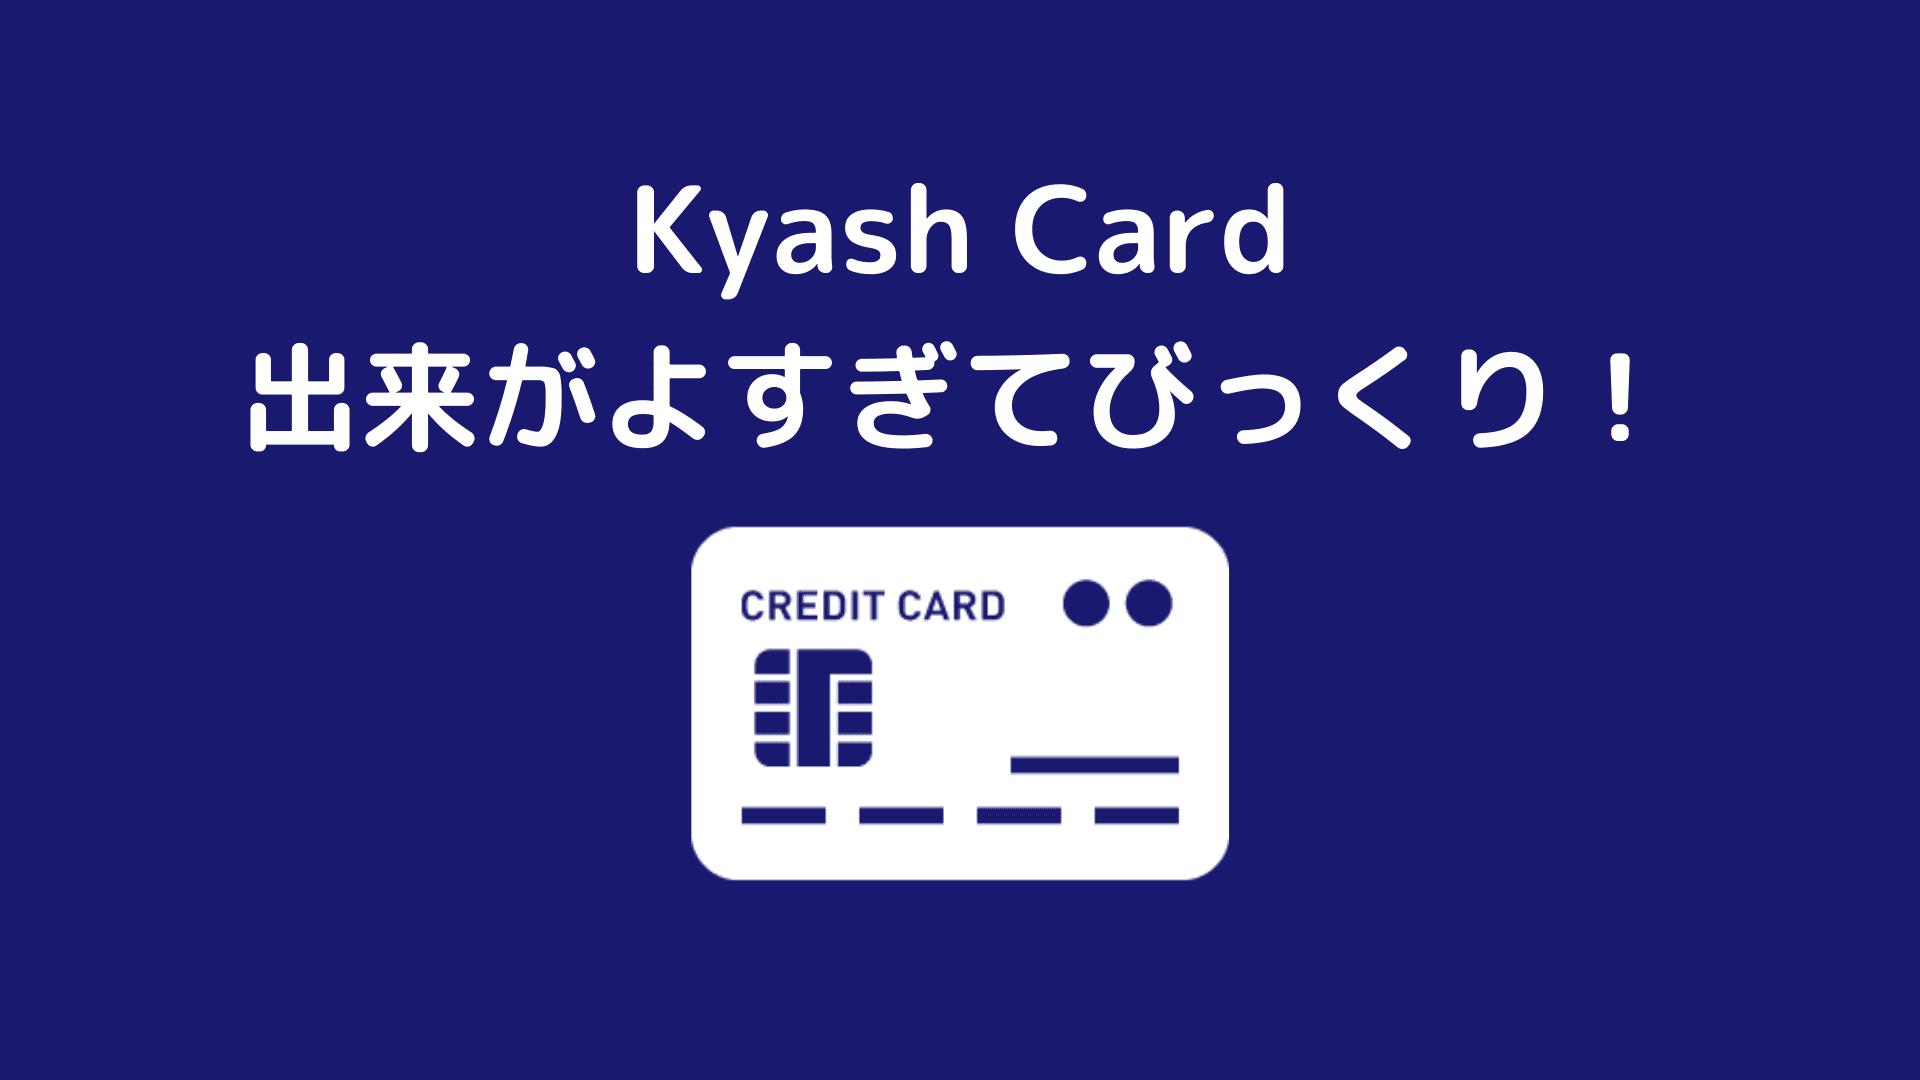 Kyash card good